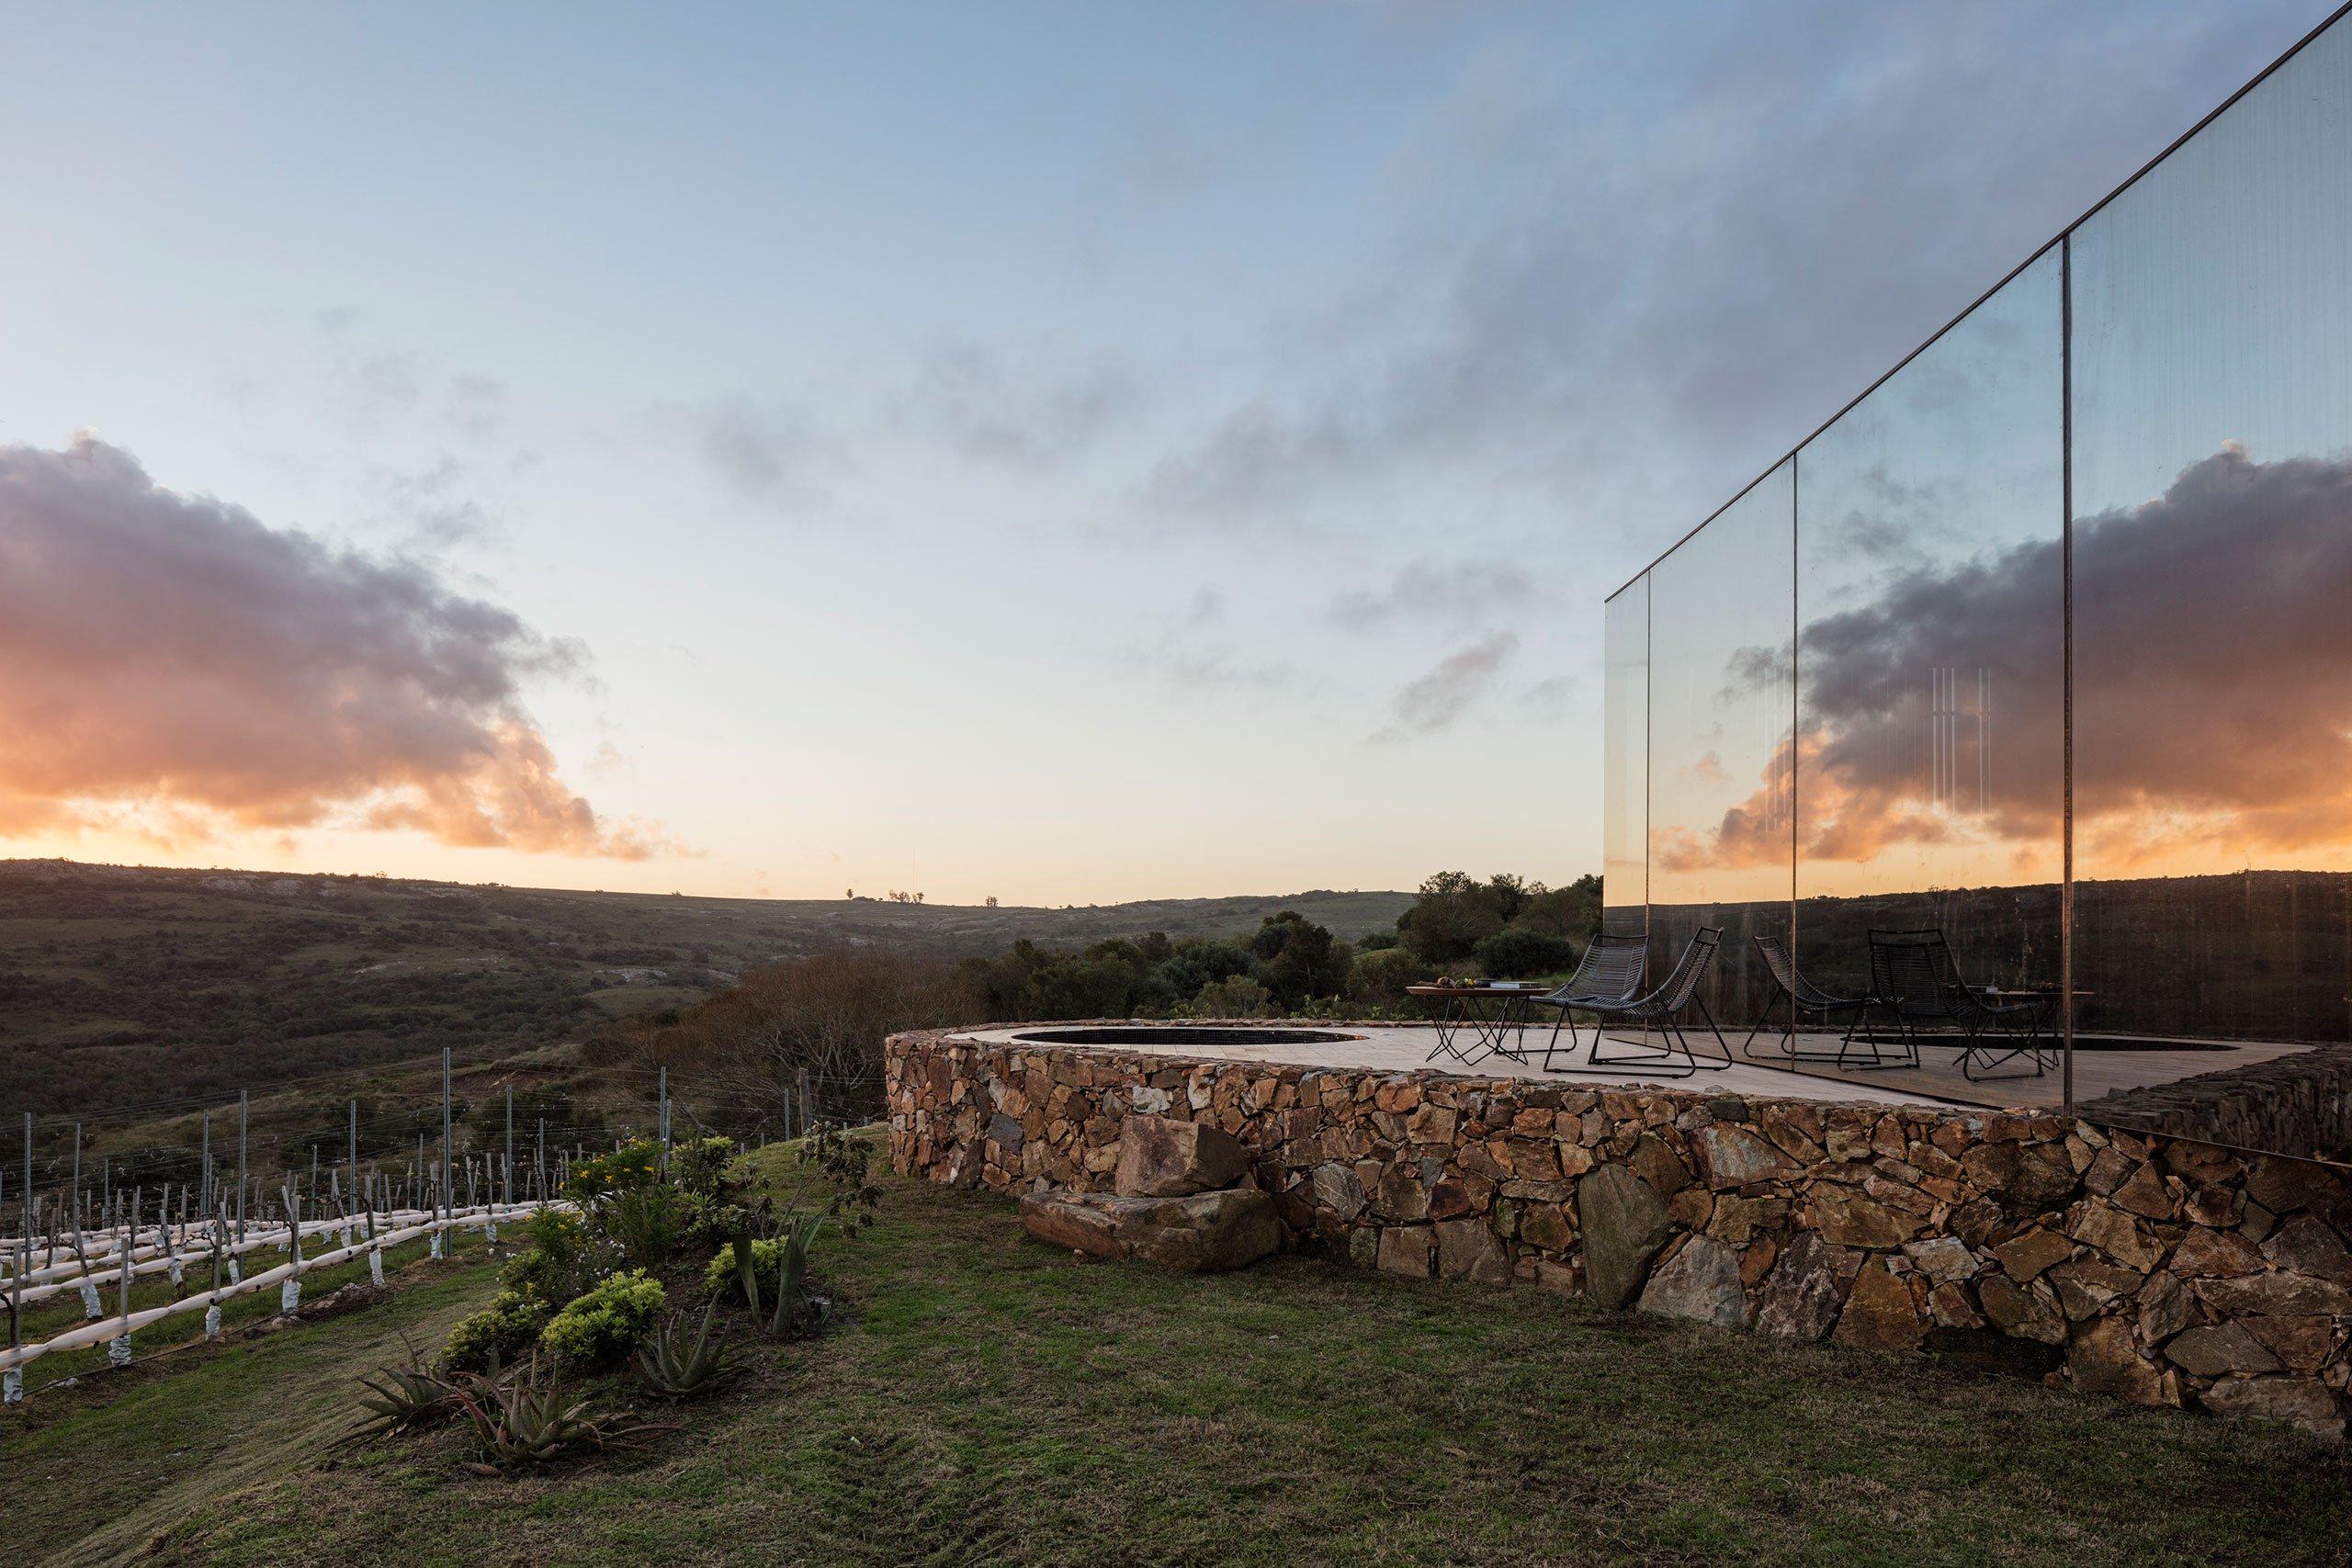 p2_sacromonte_landscape_hotel_pueblo_eden_maldonado_uruguay_mapa_arquitectos_yatzer